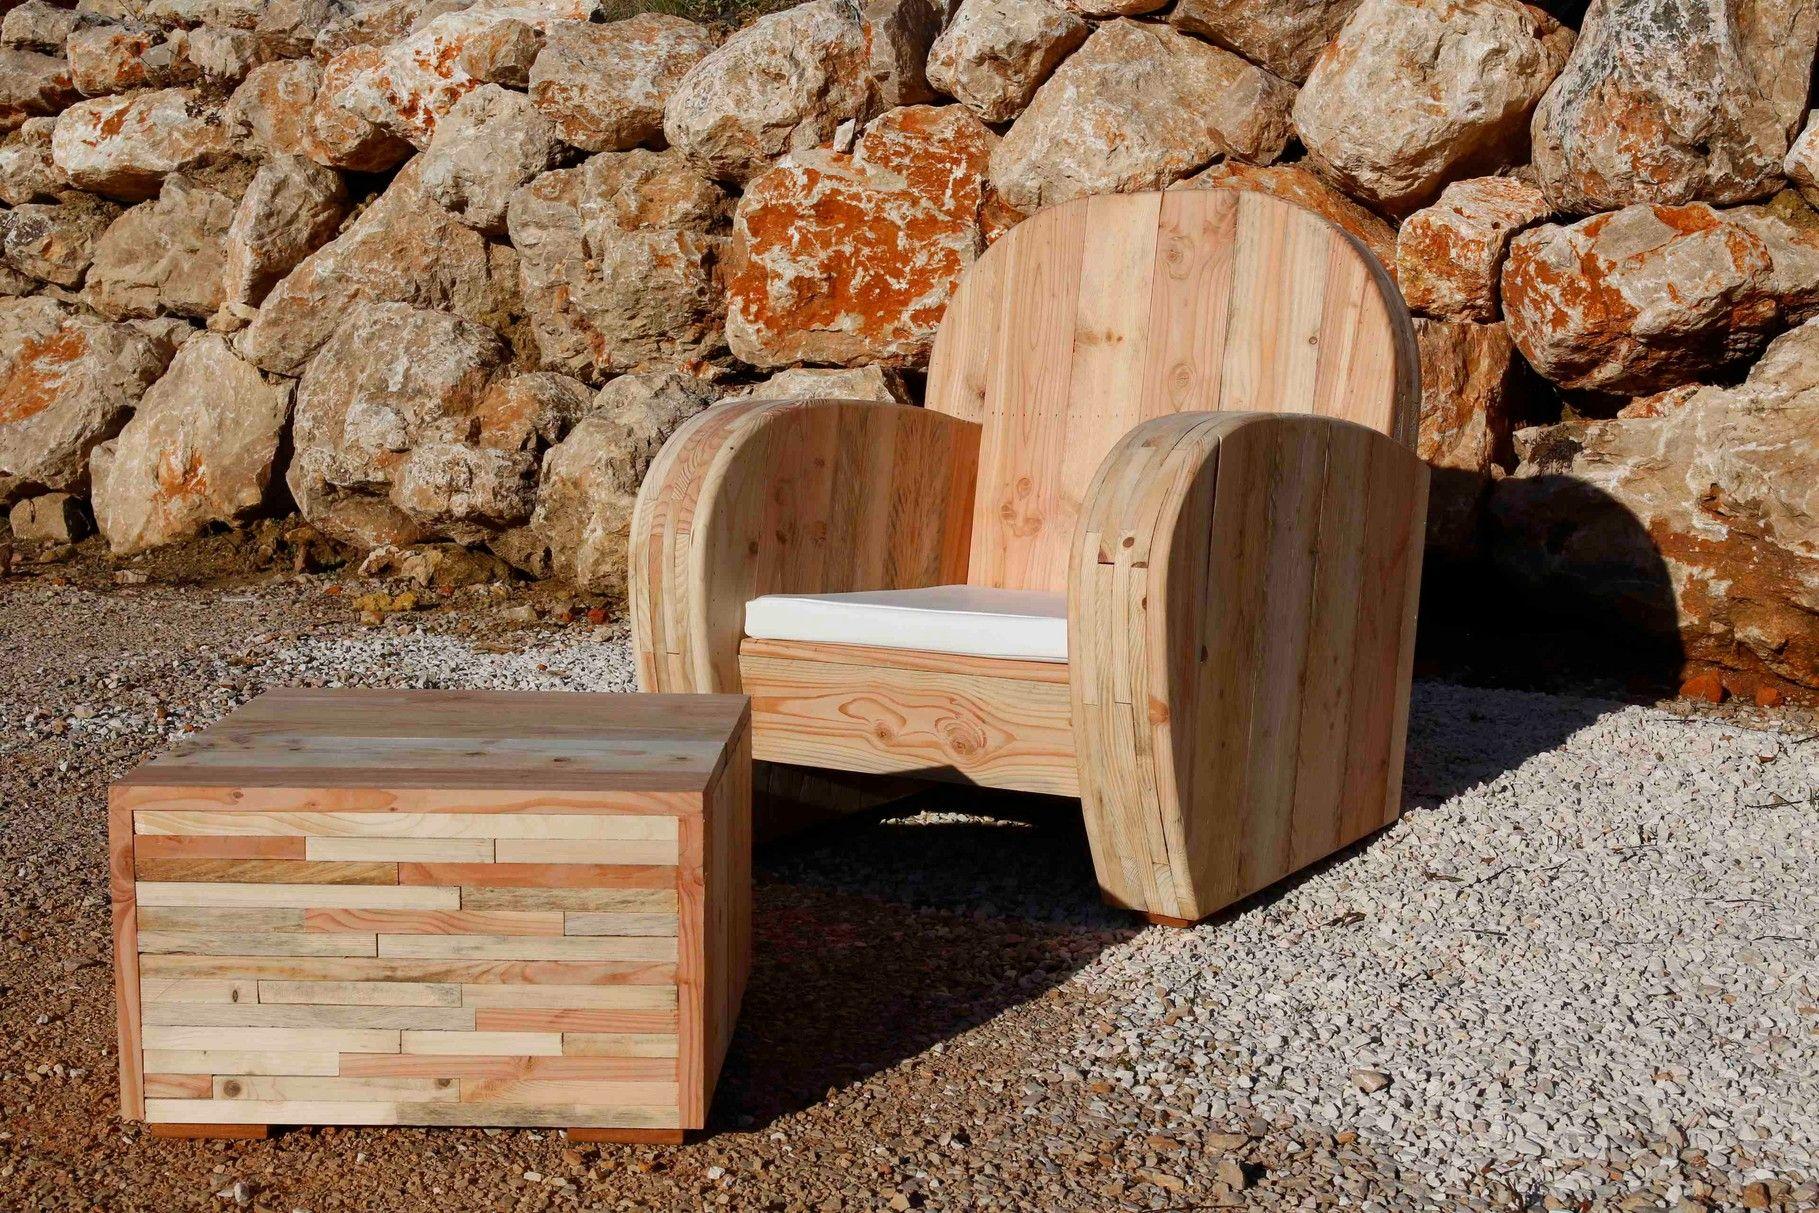 PATOU - WOOD - meuble design en bois recyclé   Sièges   Mobilier de ...